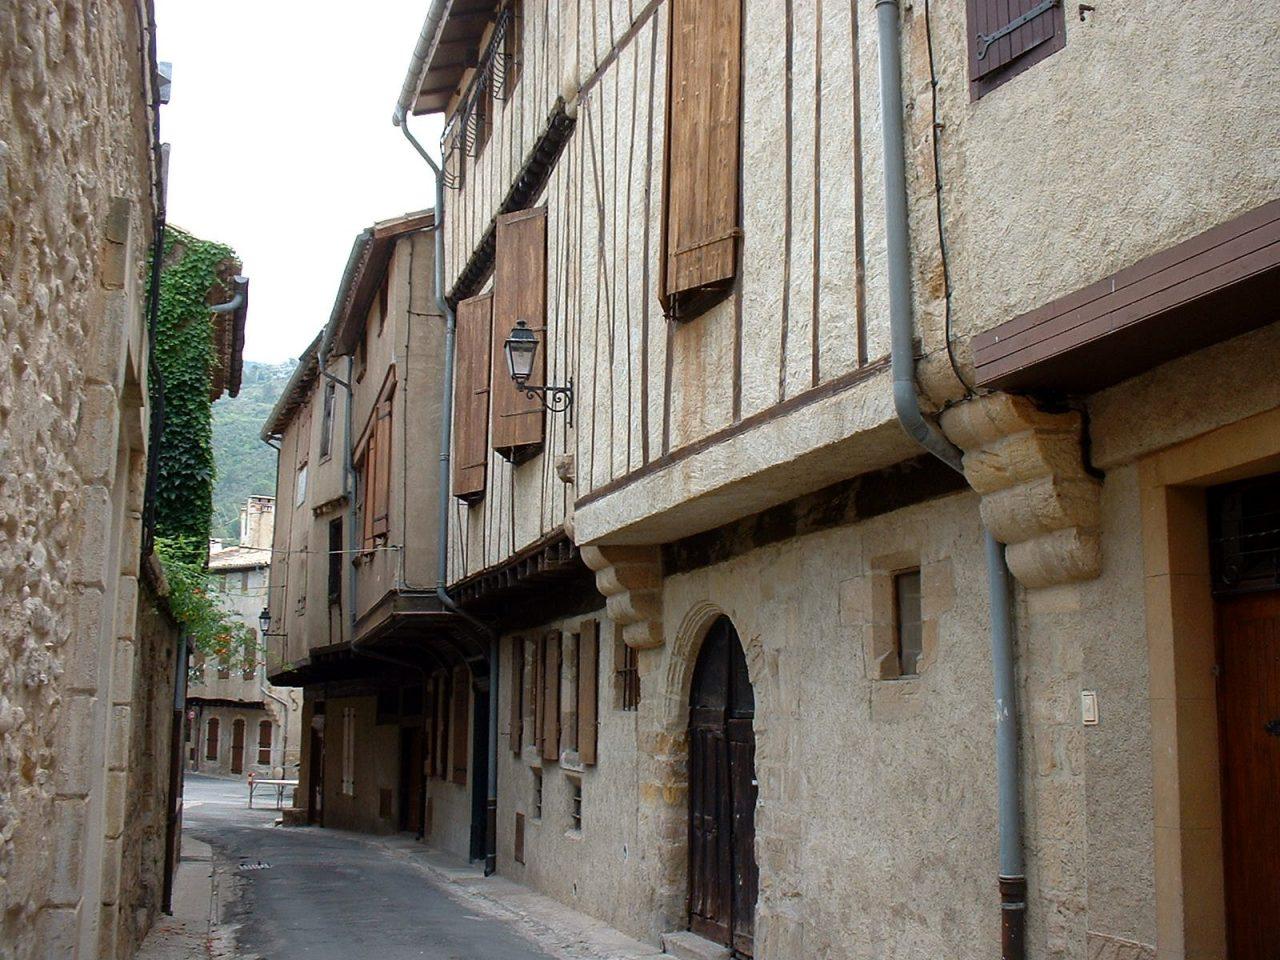 Alet-les-Bains_France_Encorbellements-1280x960.jpg